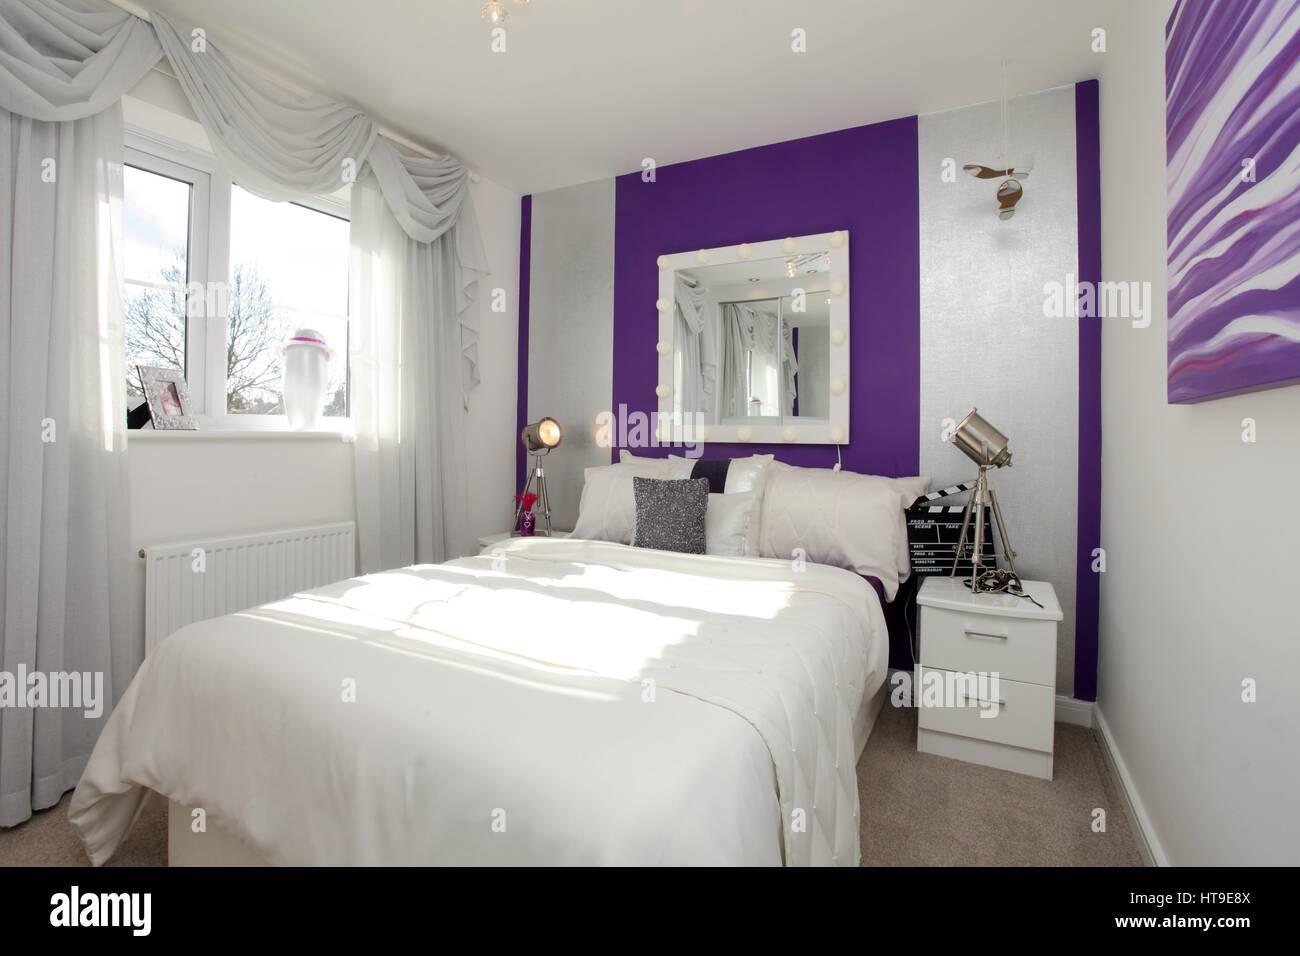 Home Intérieur Chambre Décoration Mur Violet Caractéristique